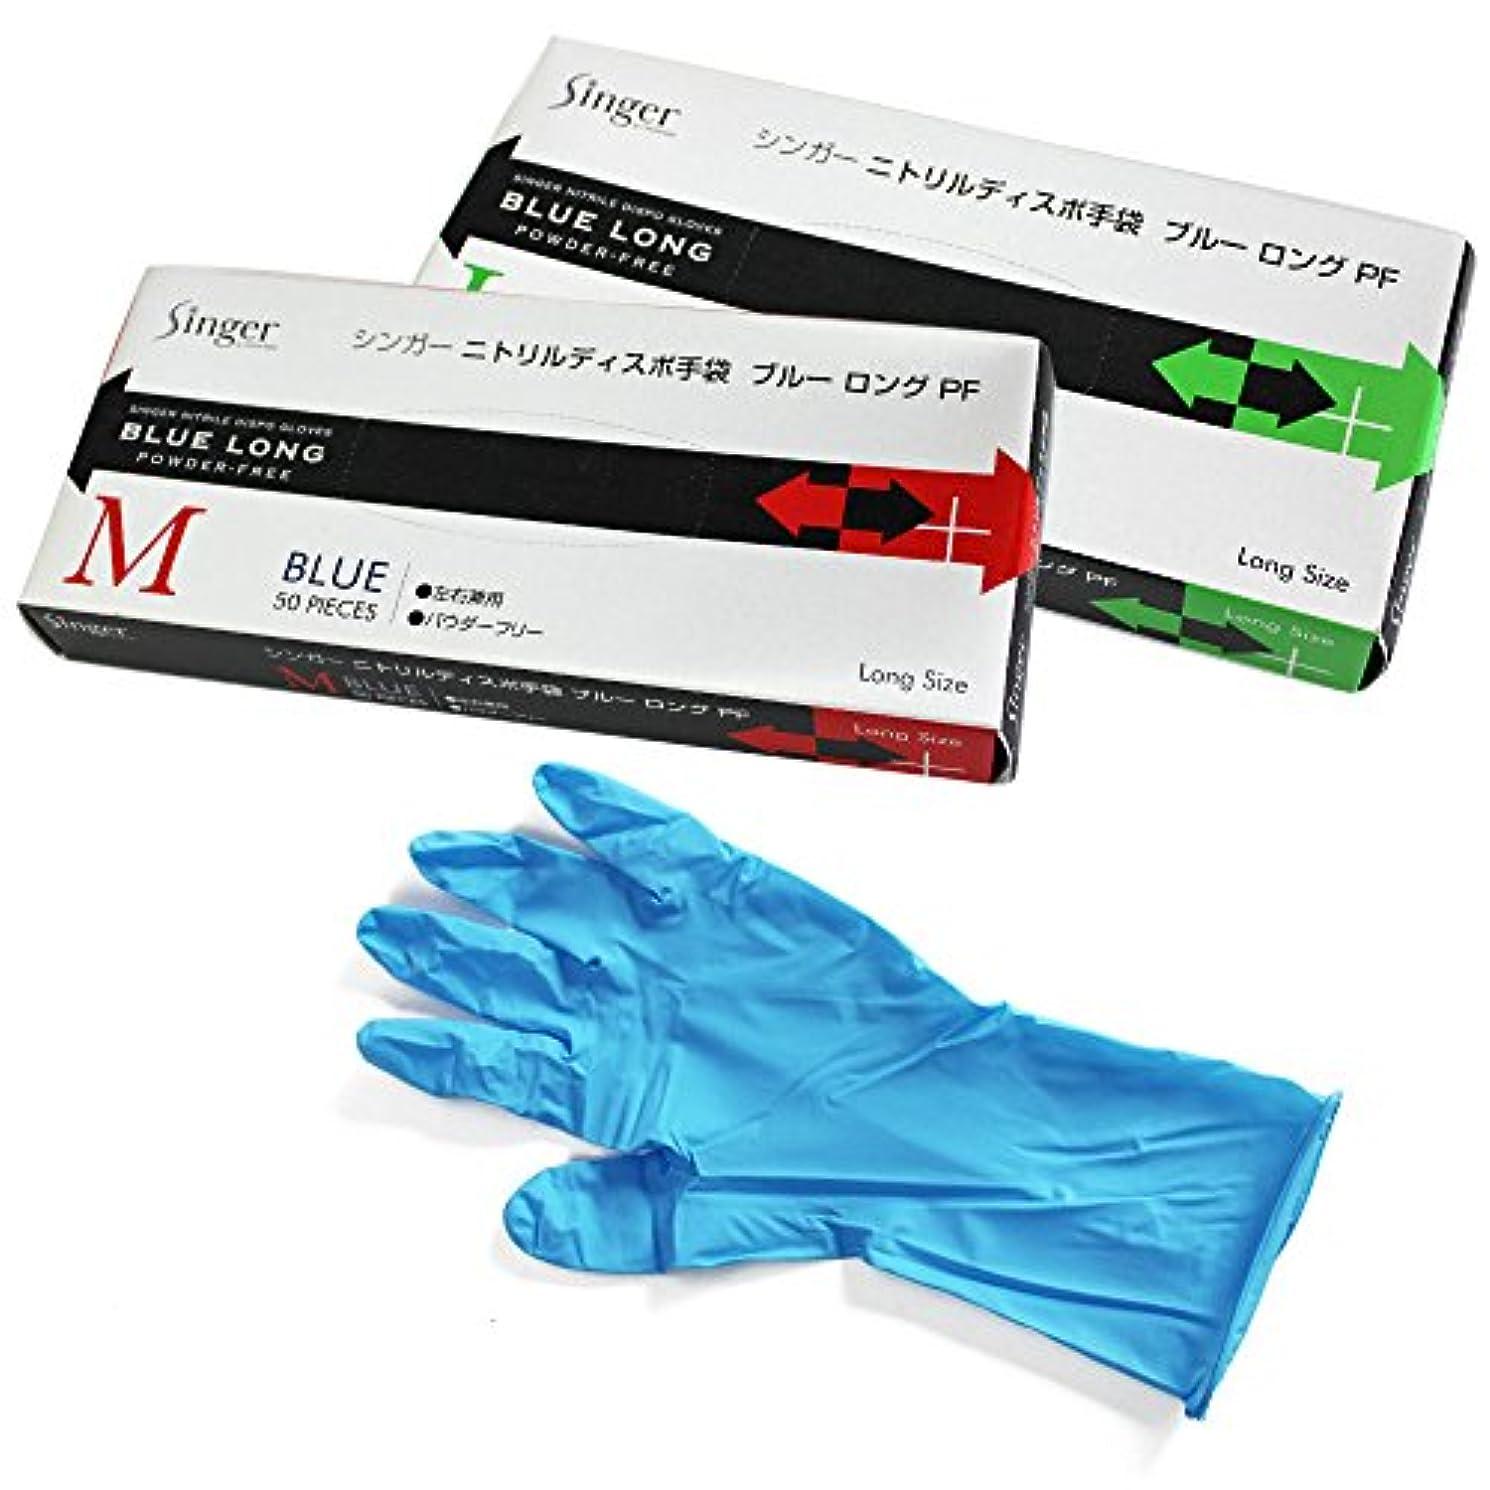 ベース警察署土曜日シンガーニトリルディスポ手袋ブルーロングパウダーフリー500枚(50枚入り×10箱) (SS)